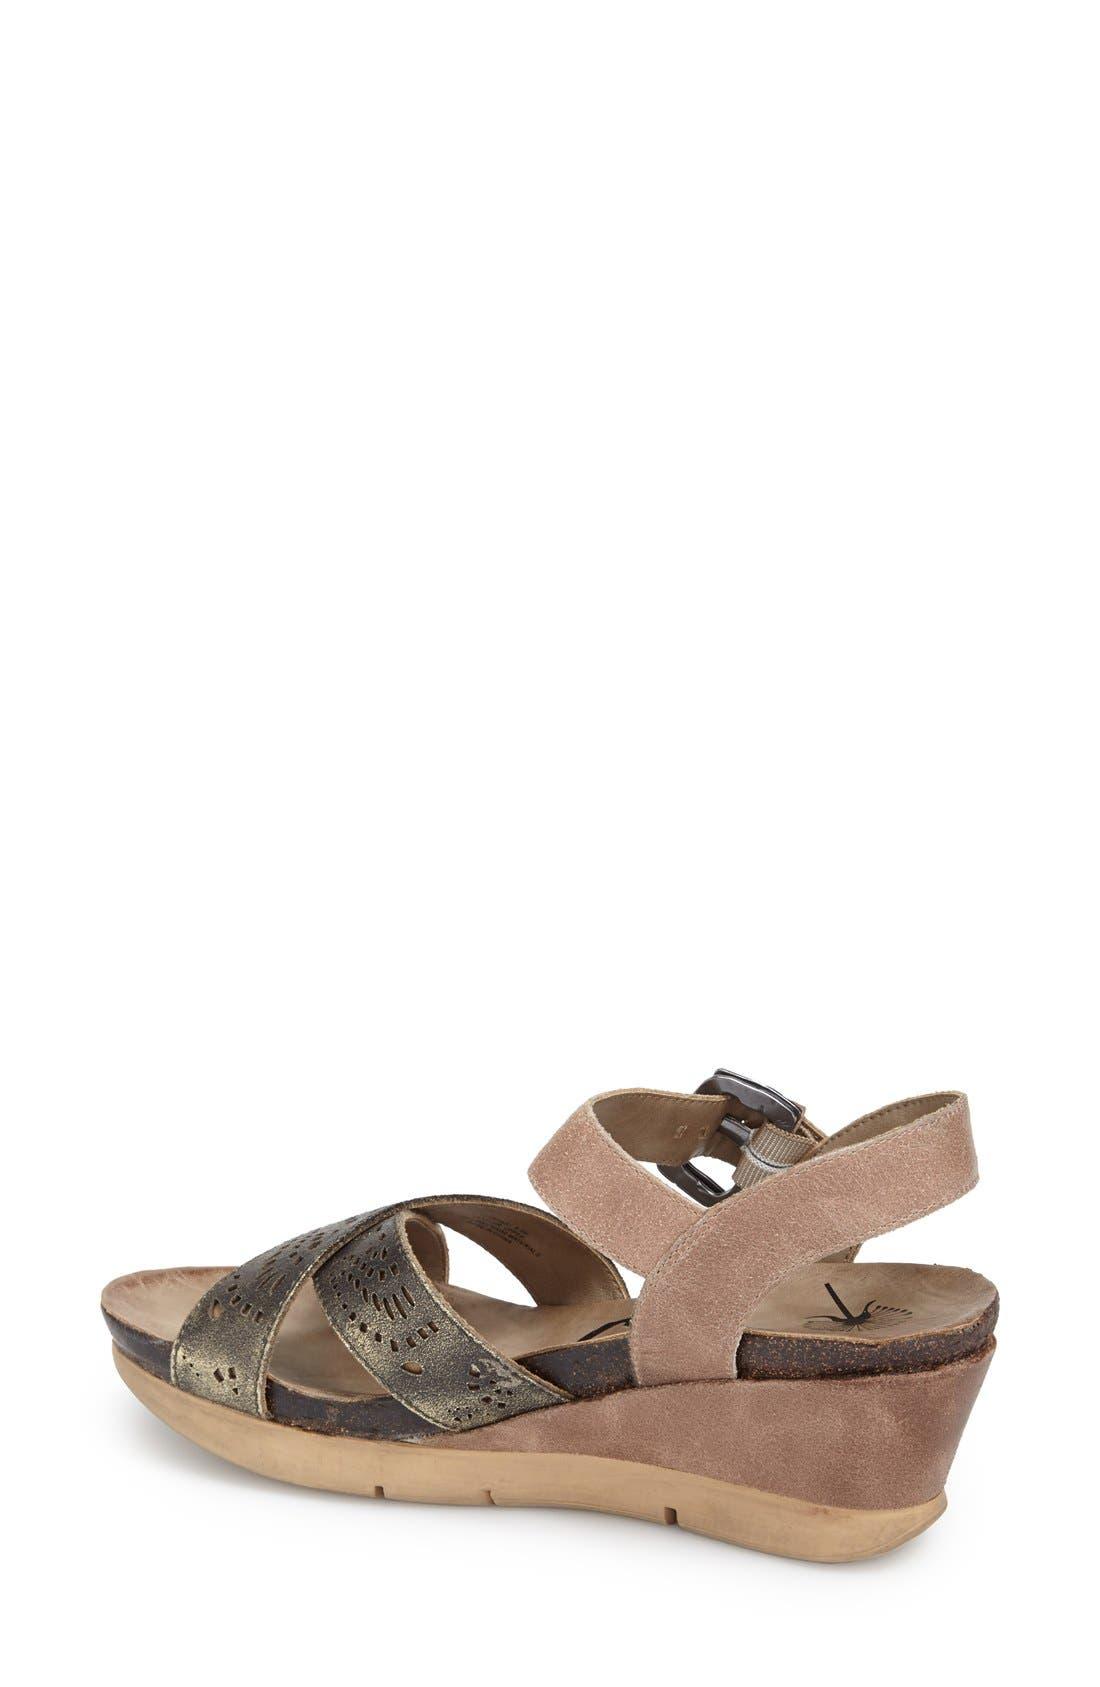 Alternate Image 2  - OTBT 'Gearhart' Sandal